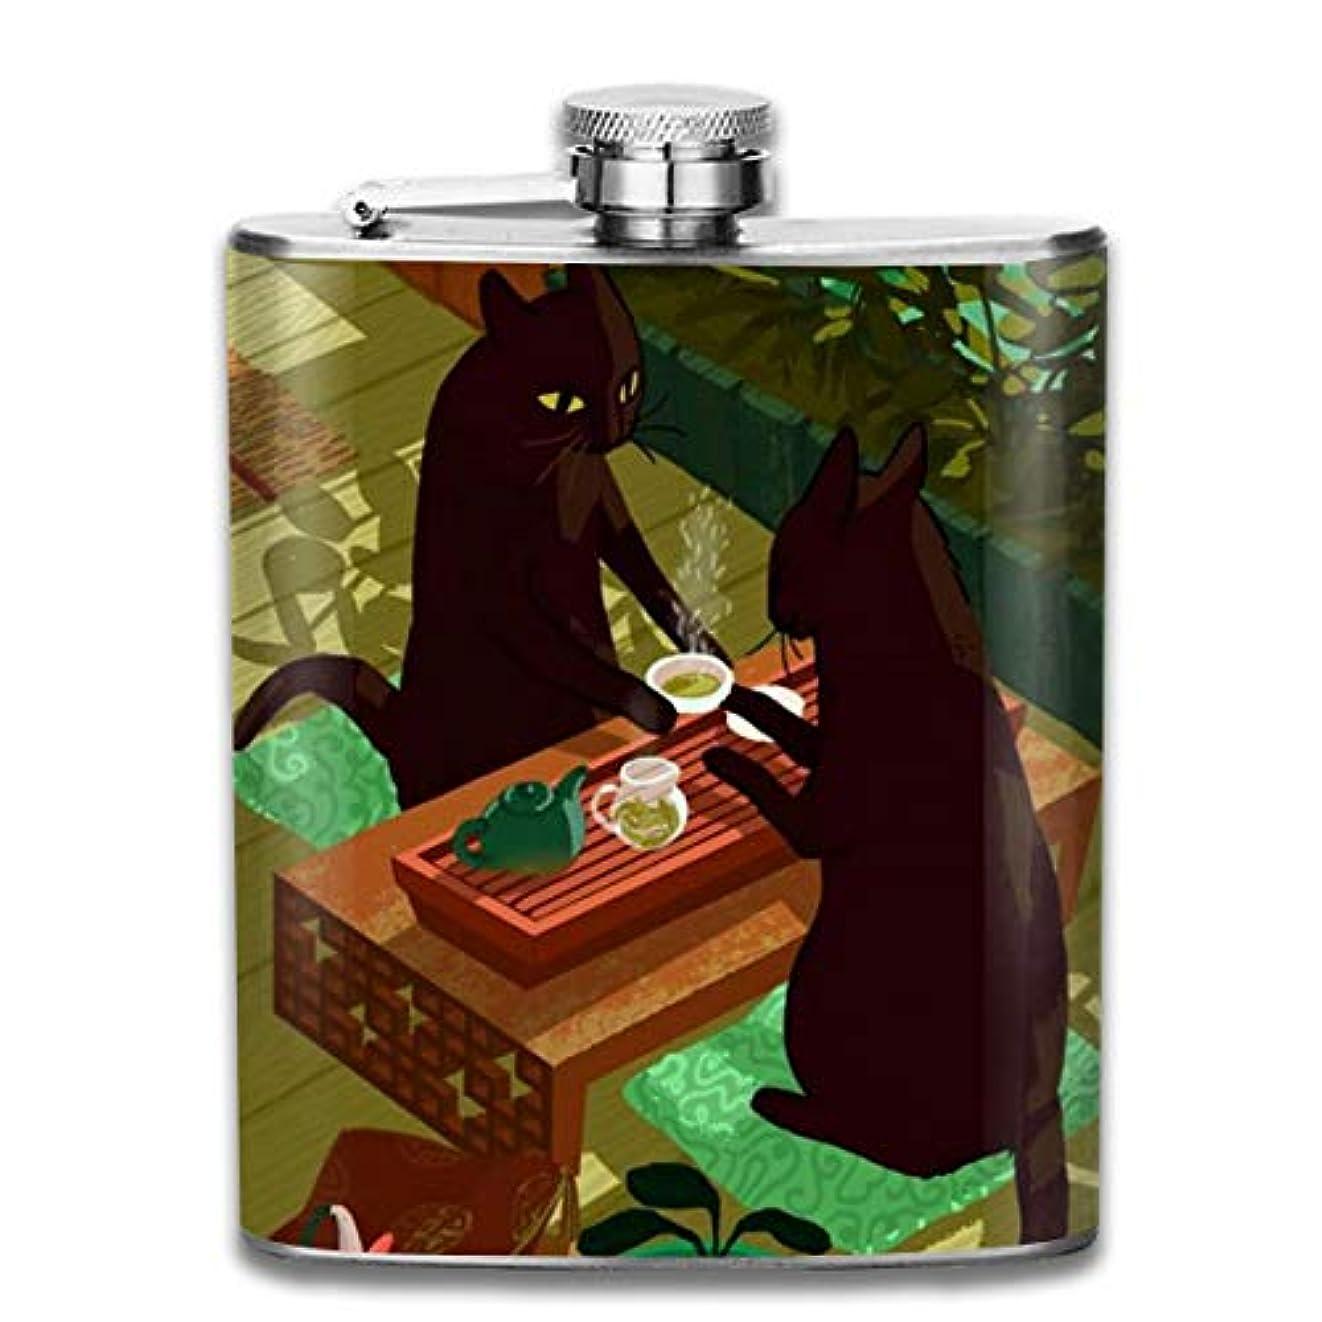 誓うクーポン忠実な猫 浮世絵フラスコ スキットル ヒップフラスコ 7オンス 206ml 高品質ステンレス製 ウイスキー アルコール 清酒 携帯 ボトル